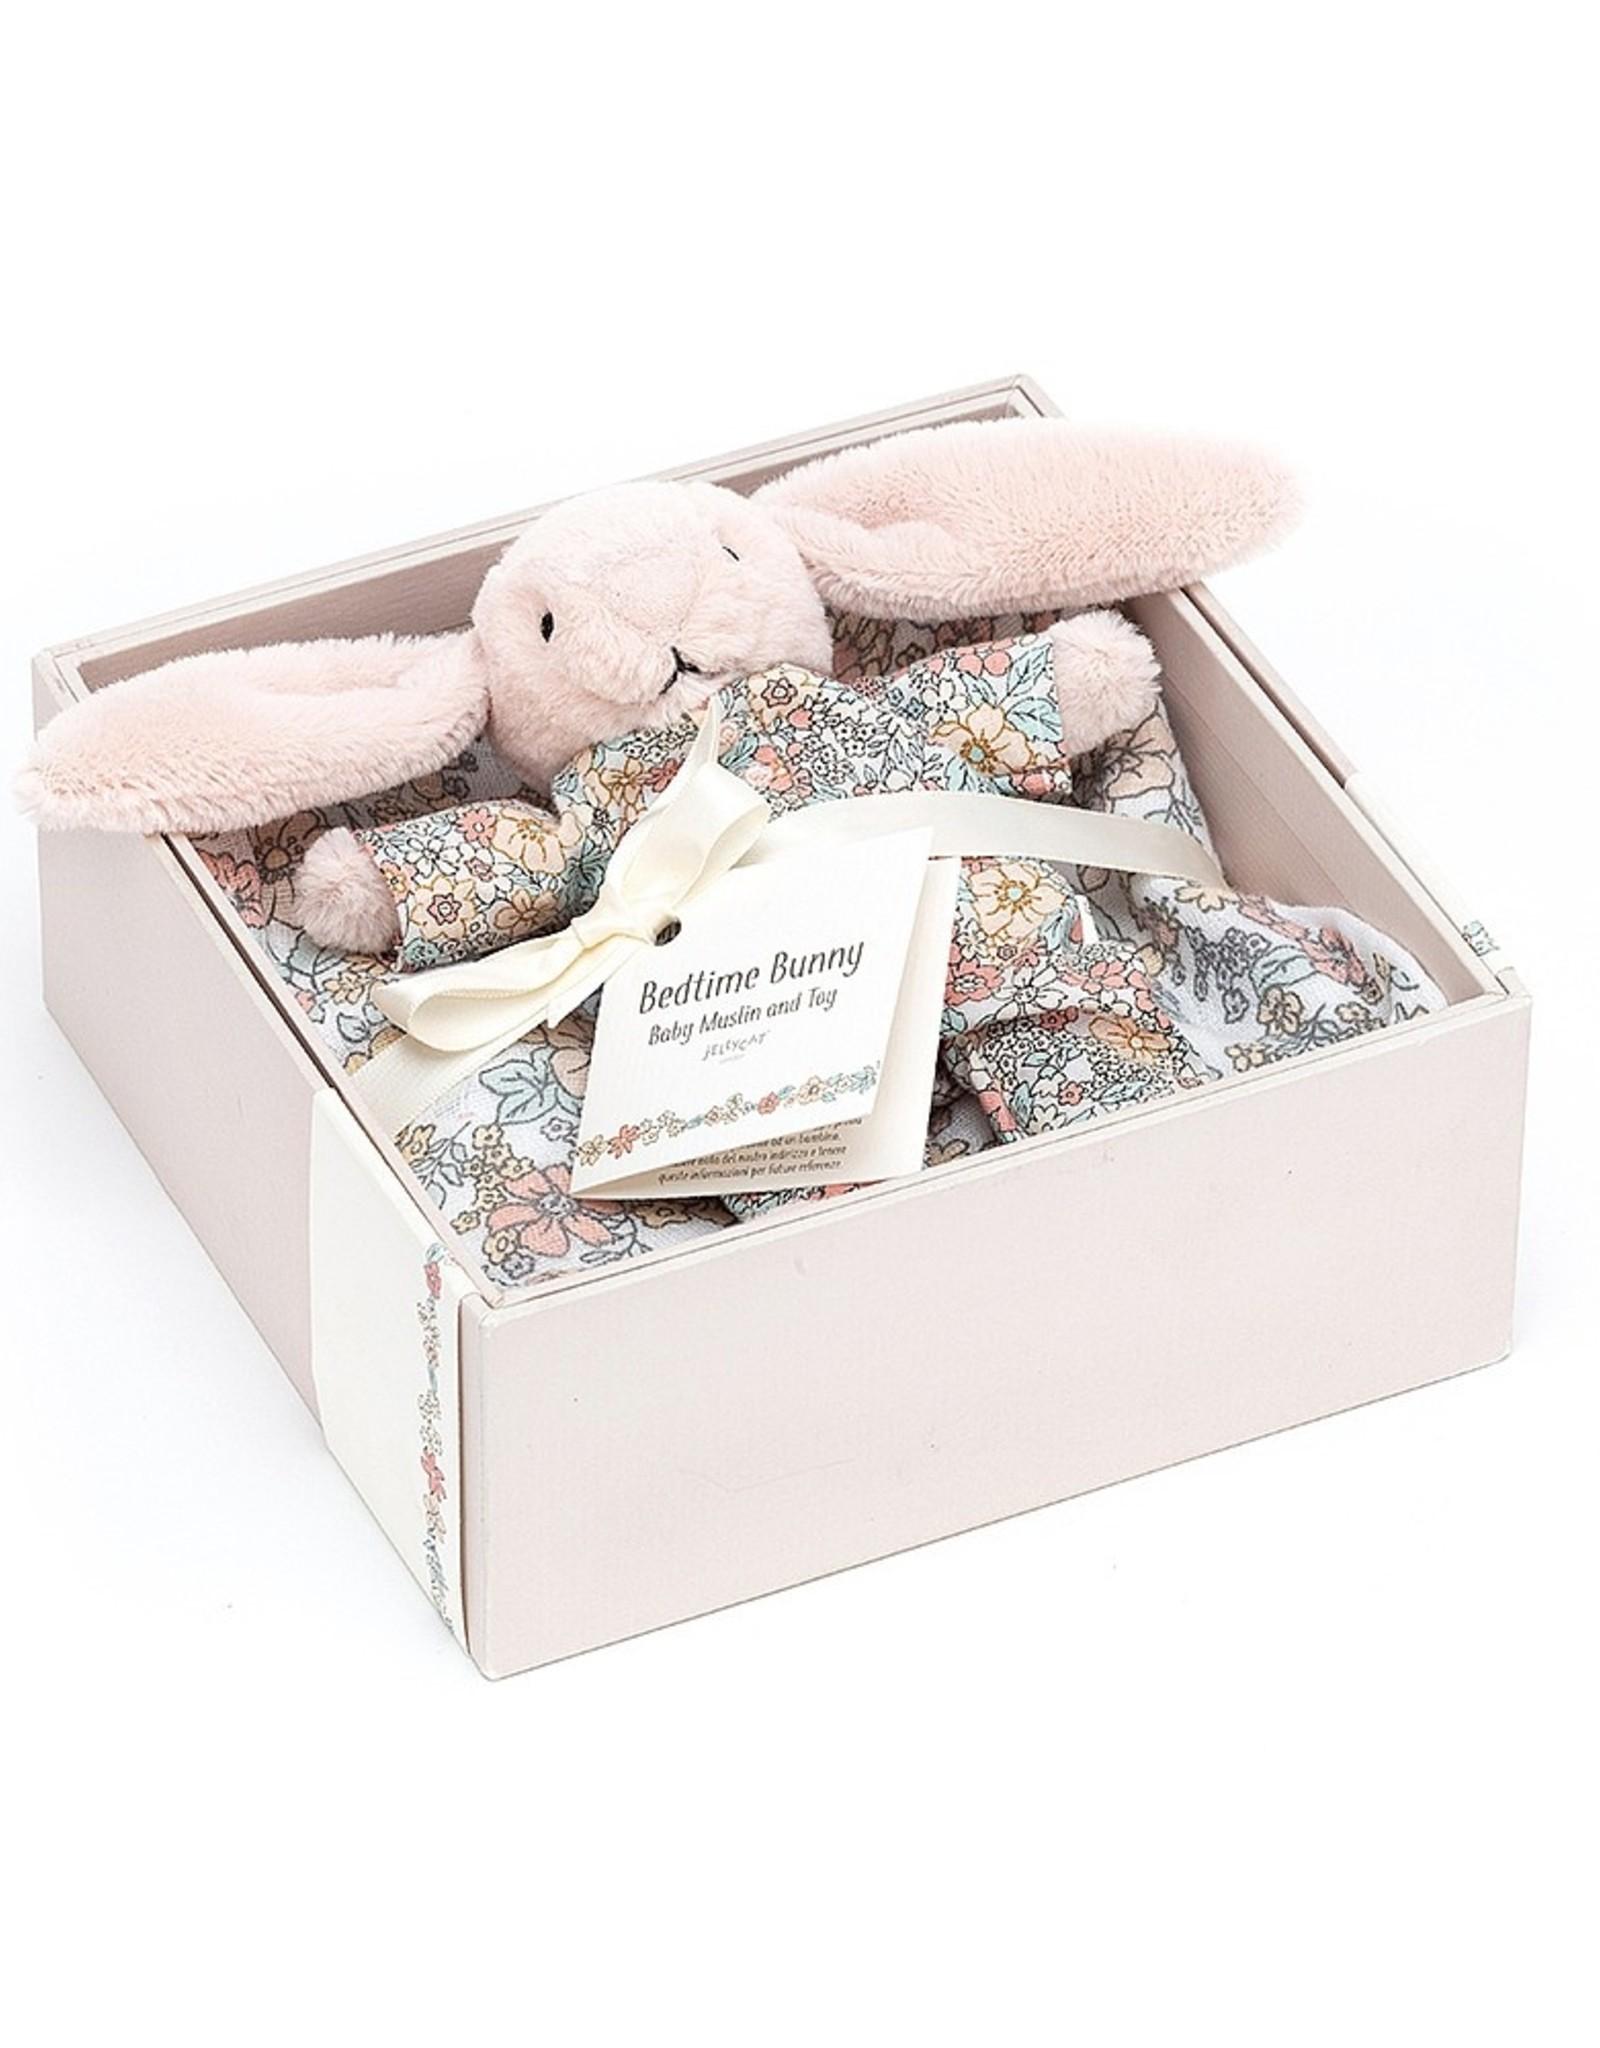 Jellycat Bedtime Blossom Bunny Set